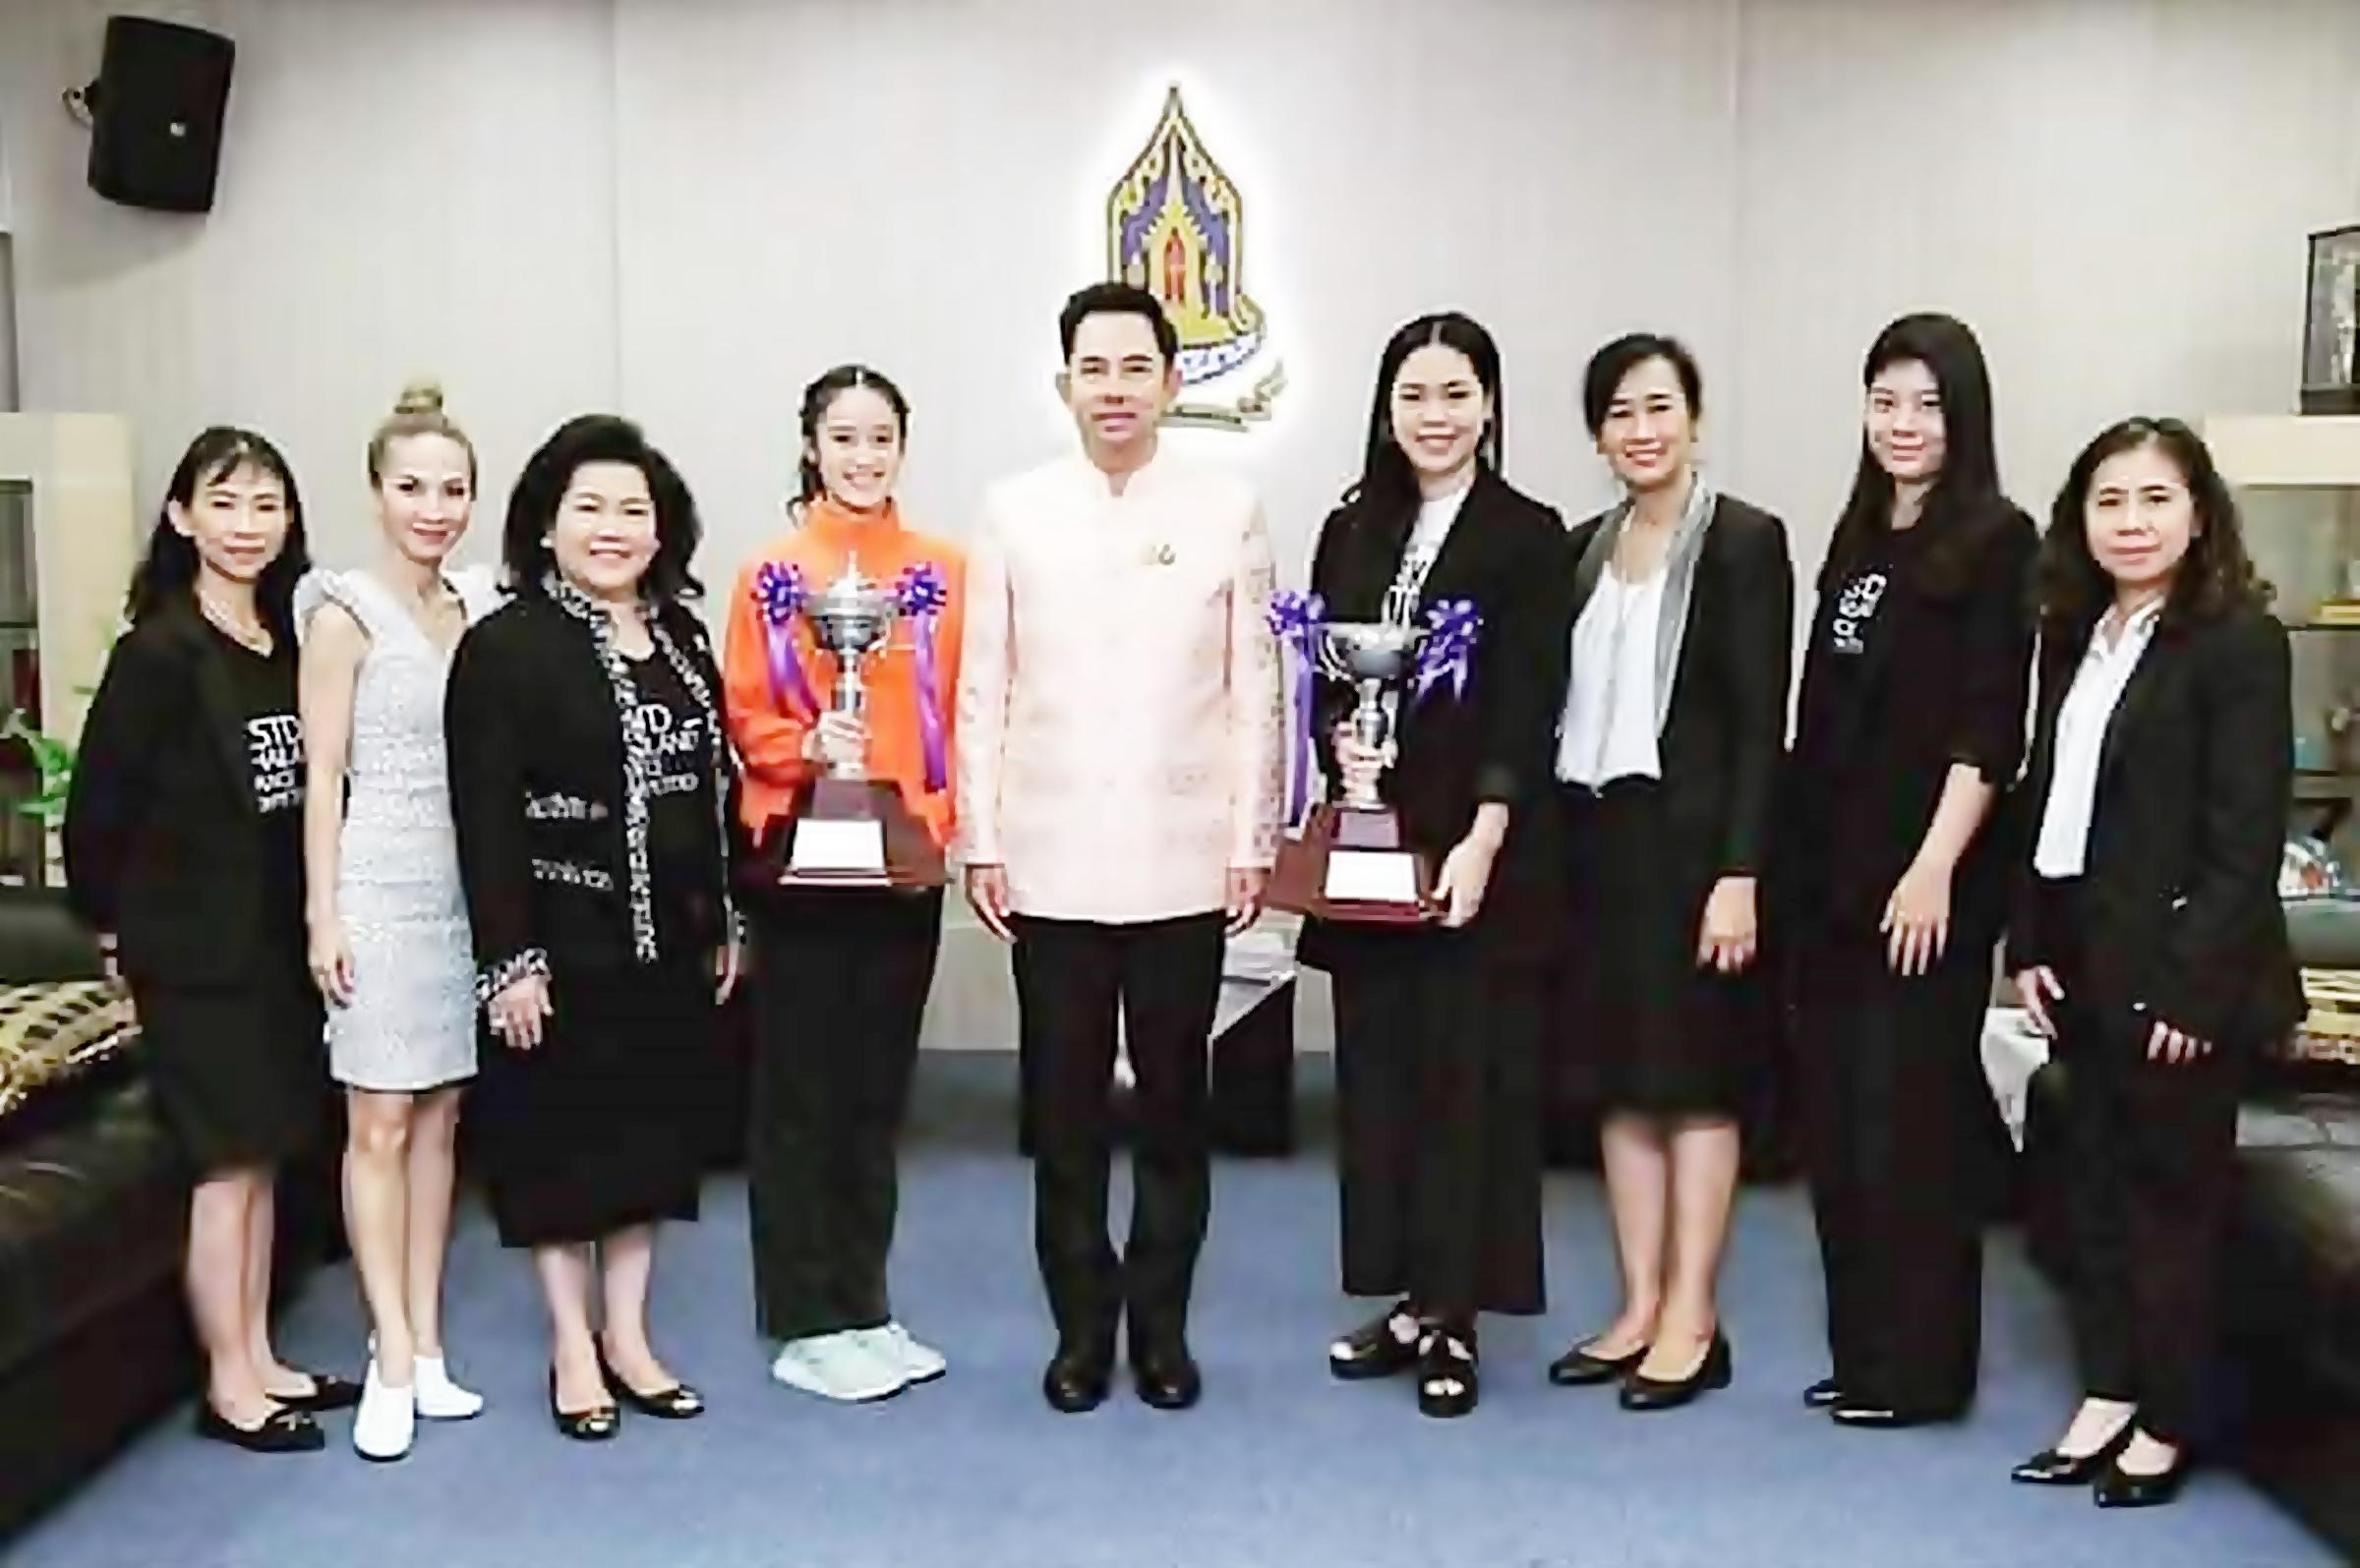 """""""น้องชมพู-นภัสสร ตันฑเทอดธรรม"""" เรียนดี กิจกรรมเด่น.หนึ่งในเยาวชนต้นแบบที่ดีอนาคตของประเทศไทย"""